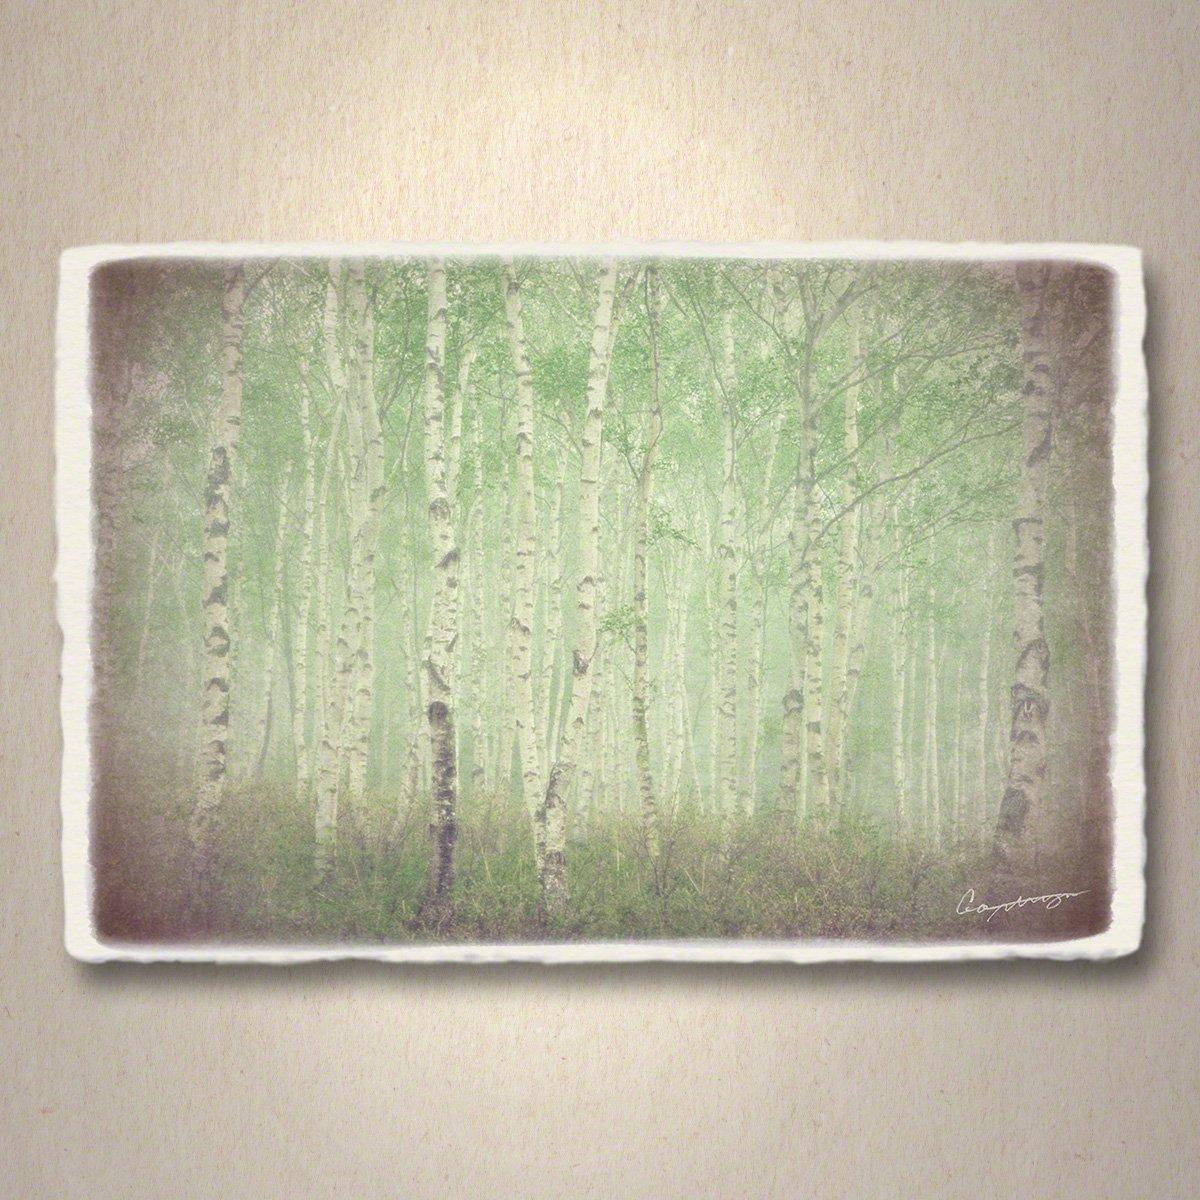 和紙 アートパネル 「霧の中の新緑の白樺林」 (68x45cm) 絵 絵画 壁掛け 壁飾り インテリア アート B07F15RYJR 16.アートパネル(長辺68cm) 48000円|霧の中の新緑の白樺林 霧の中の新緑の白樺林 16.アートパネル(長辺68cm) 48000円